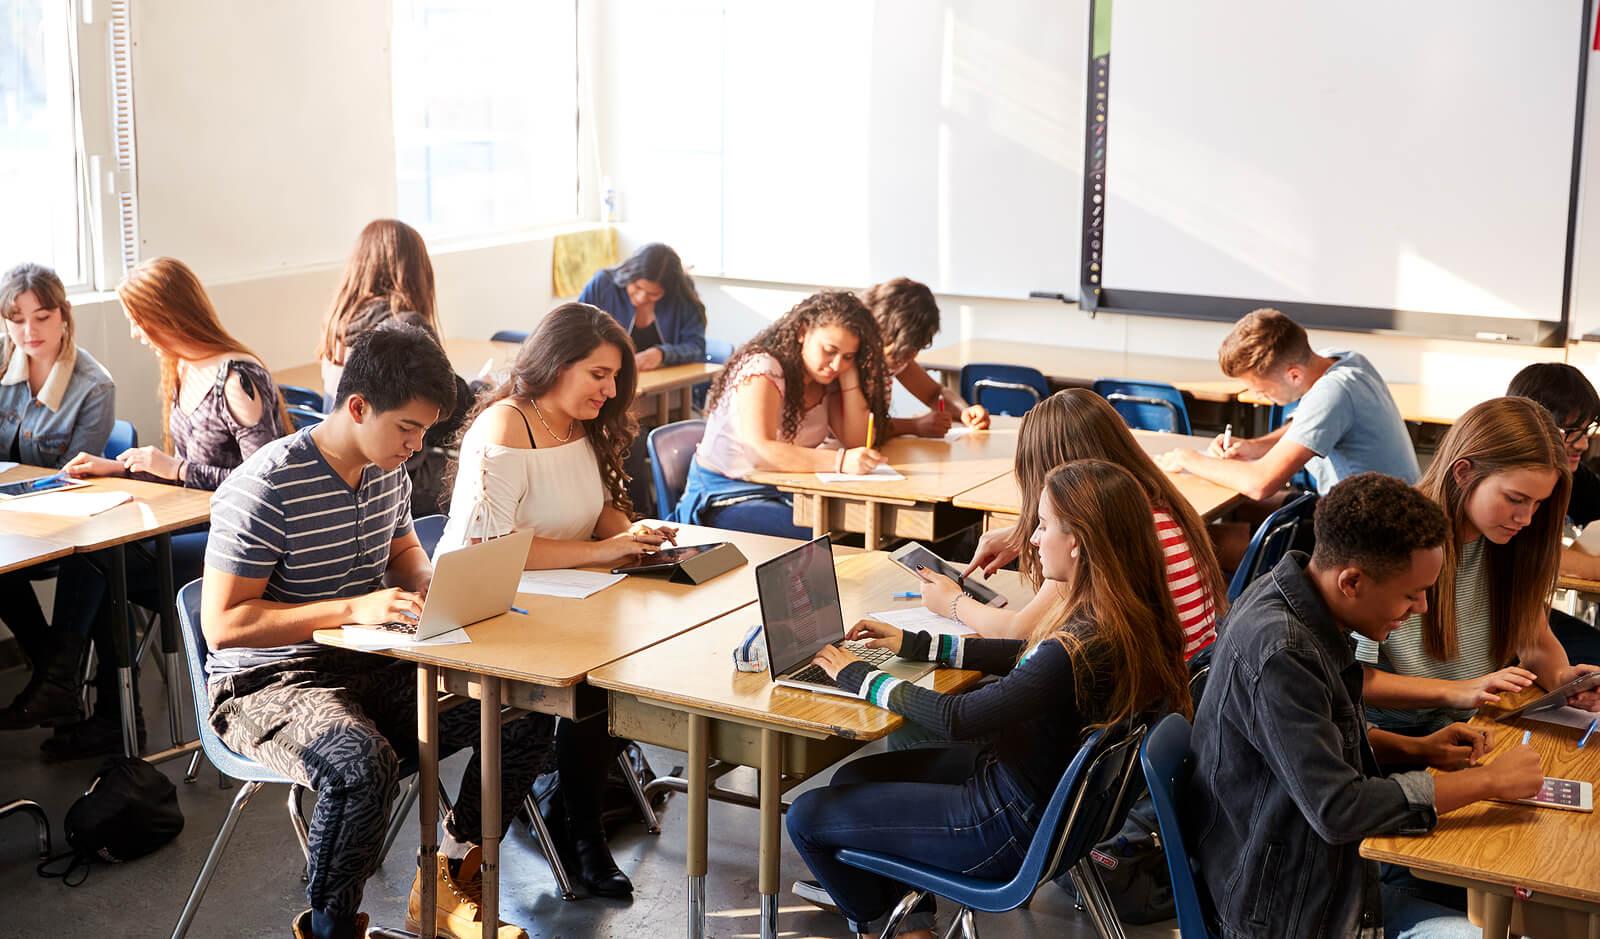 Alumnos en clase trabajando en grupo gracias a los métodos de educación nuevos.